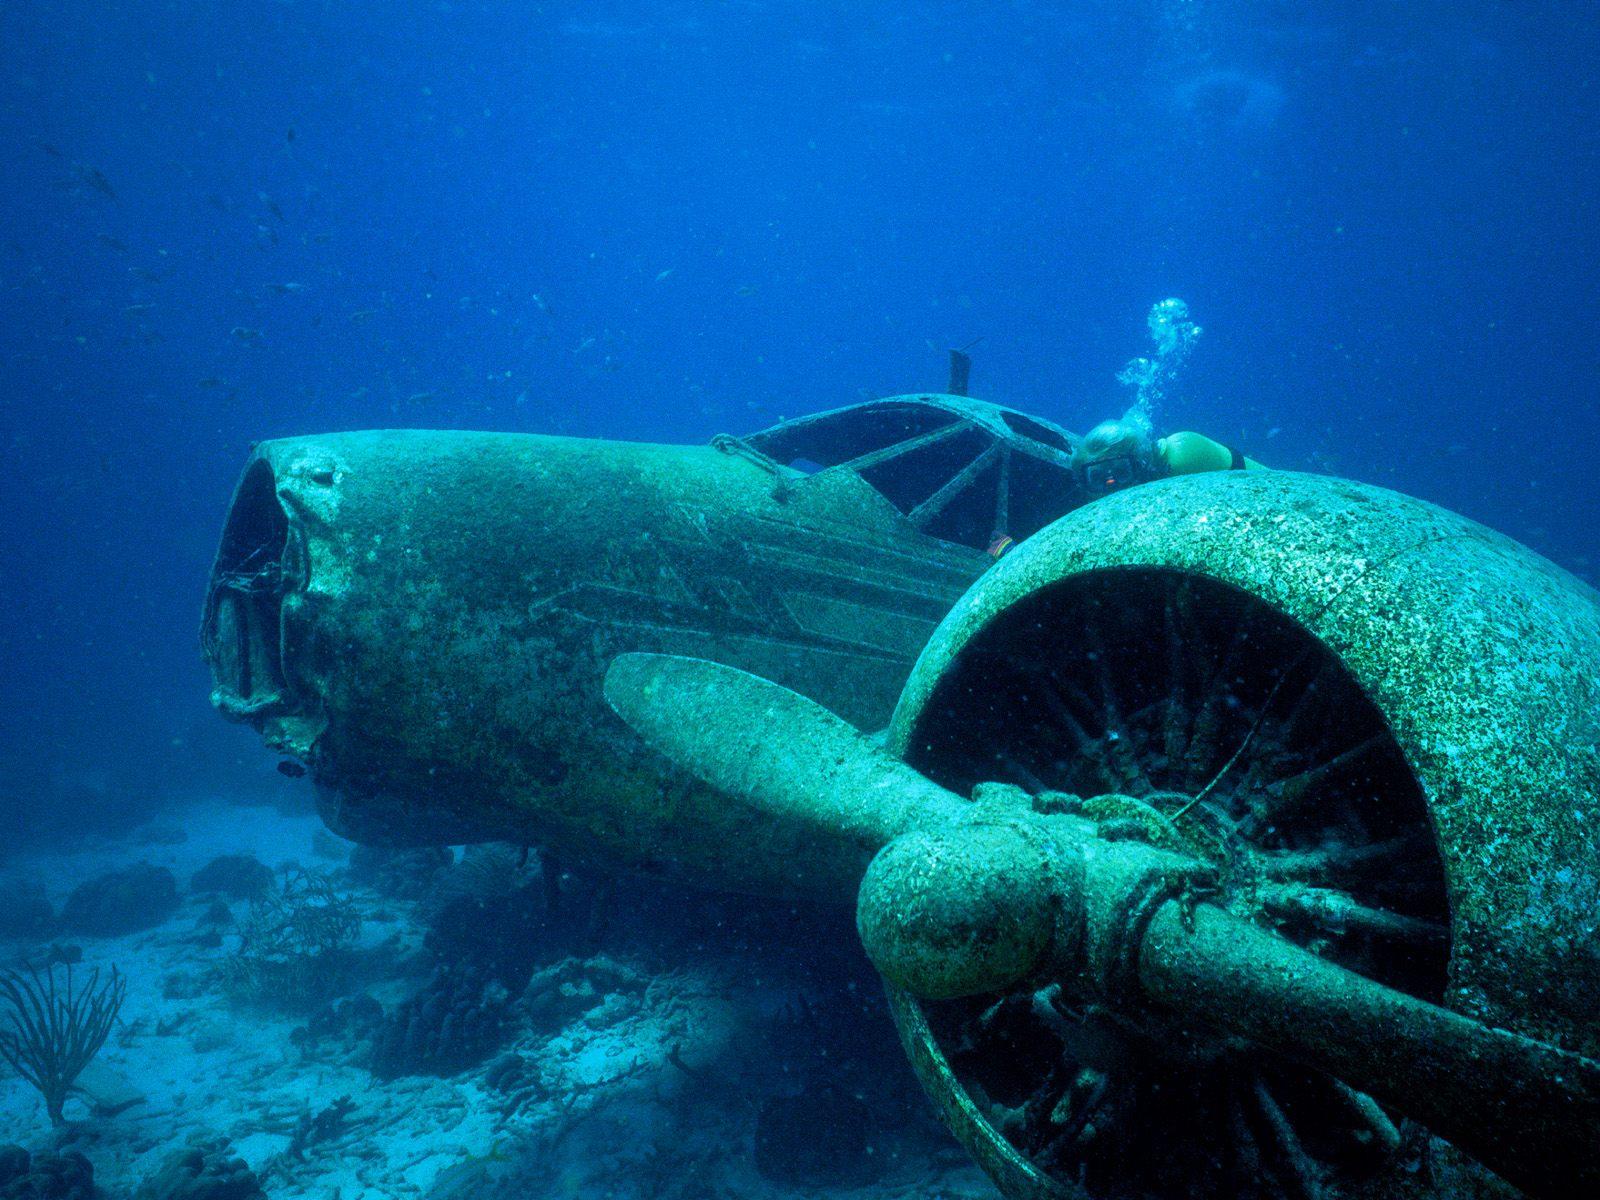 My Background Blog: underwater